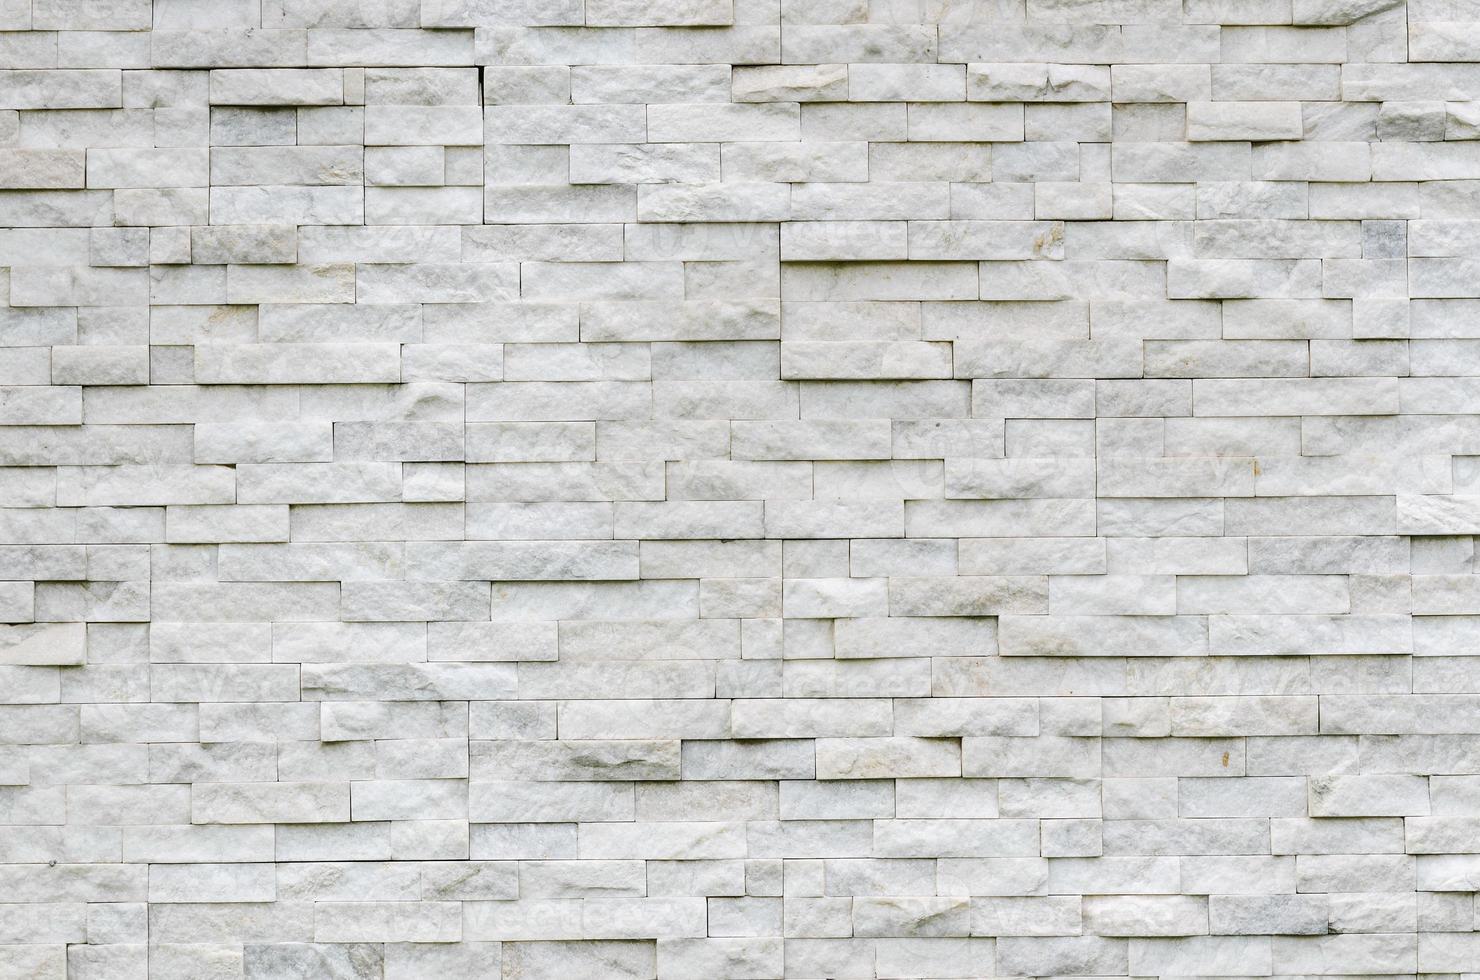 padrão moderno de muro de pedra real foto